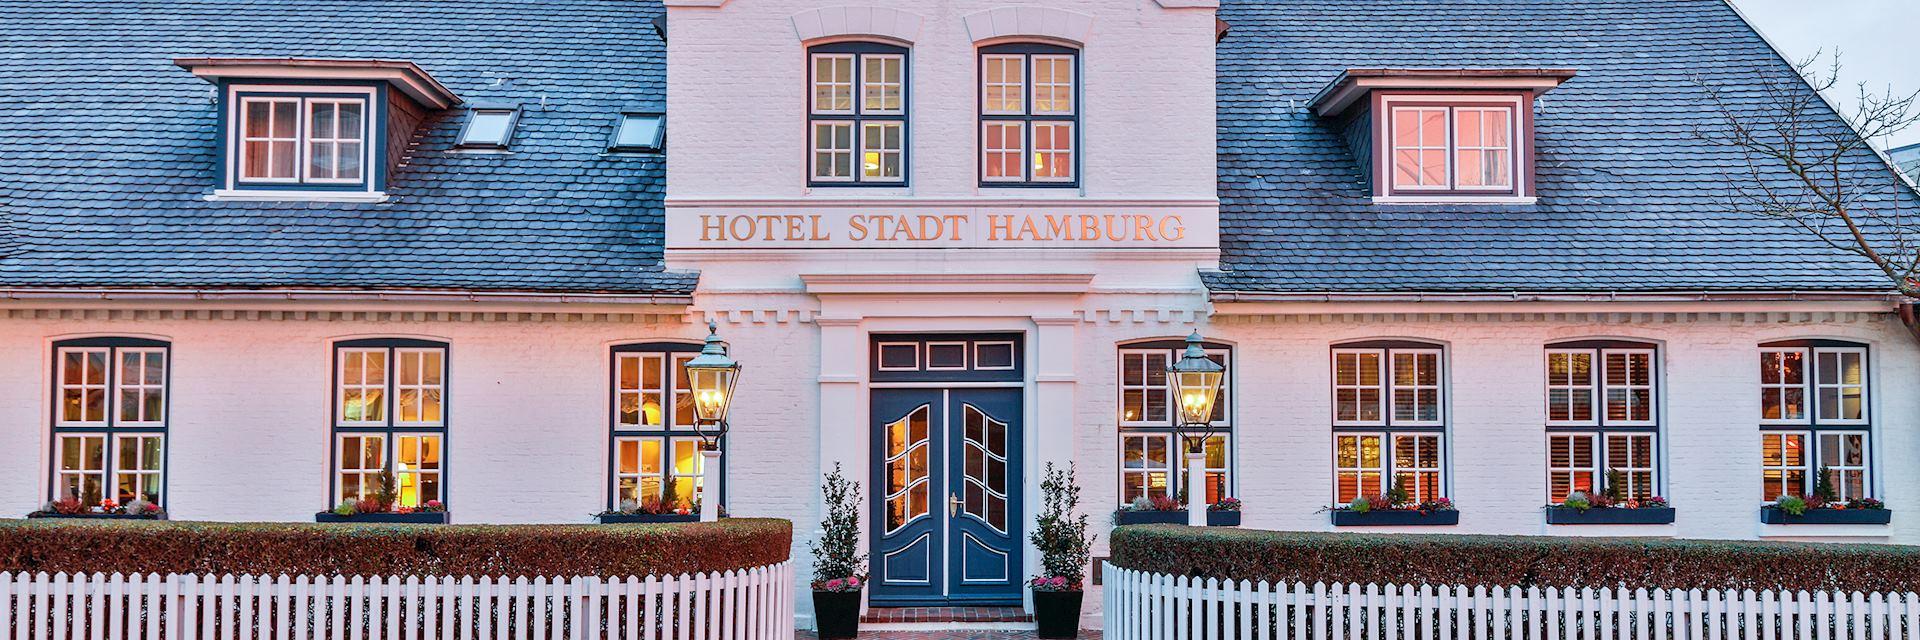 Hotel Stadt Hamburg, sylt